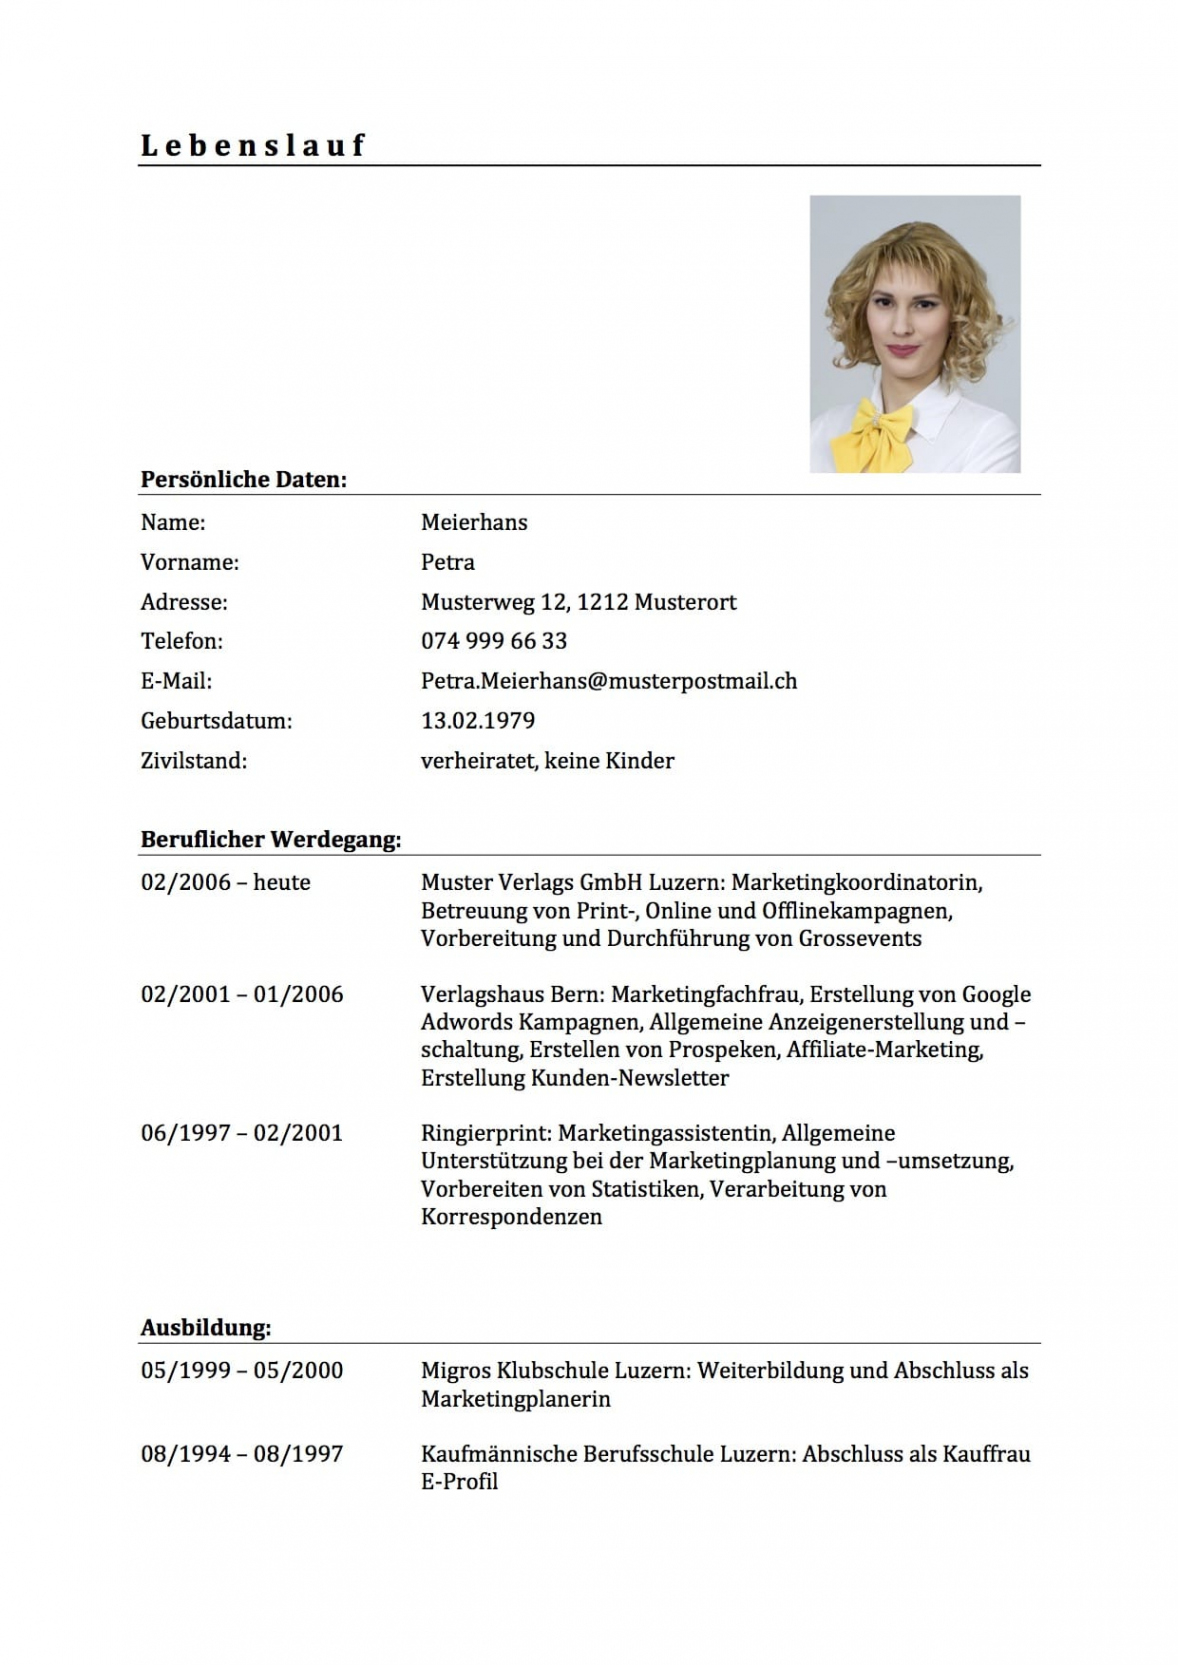 Eine Probe von  Download Lebenslauf Vorlage & Muster Für Deine Bewerbung (Schweiz) Vorlage Lebenslauf Ch